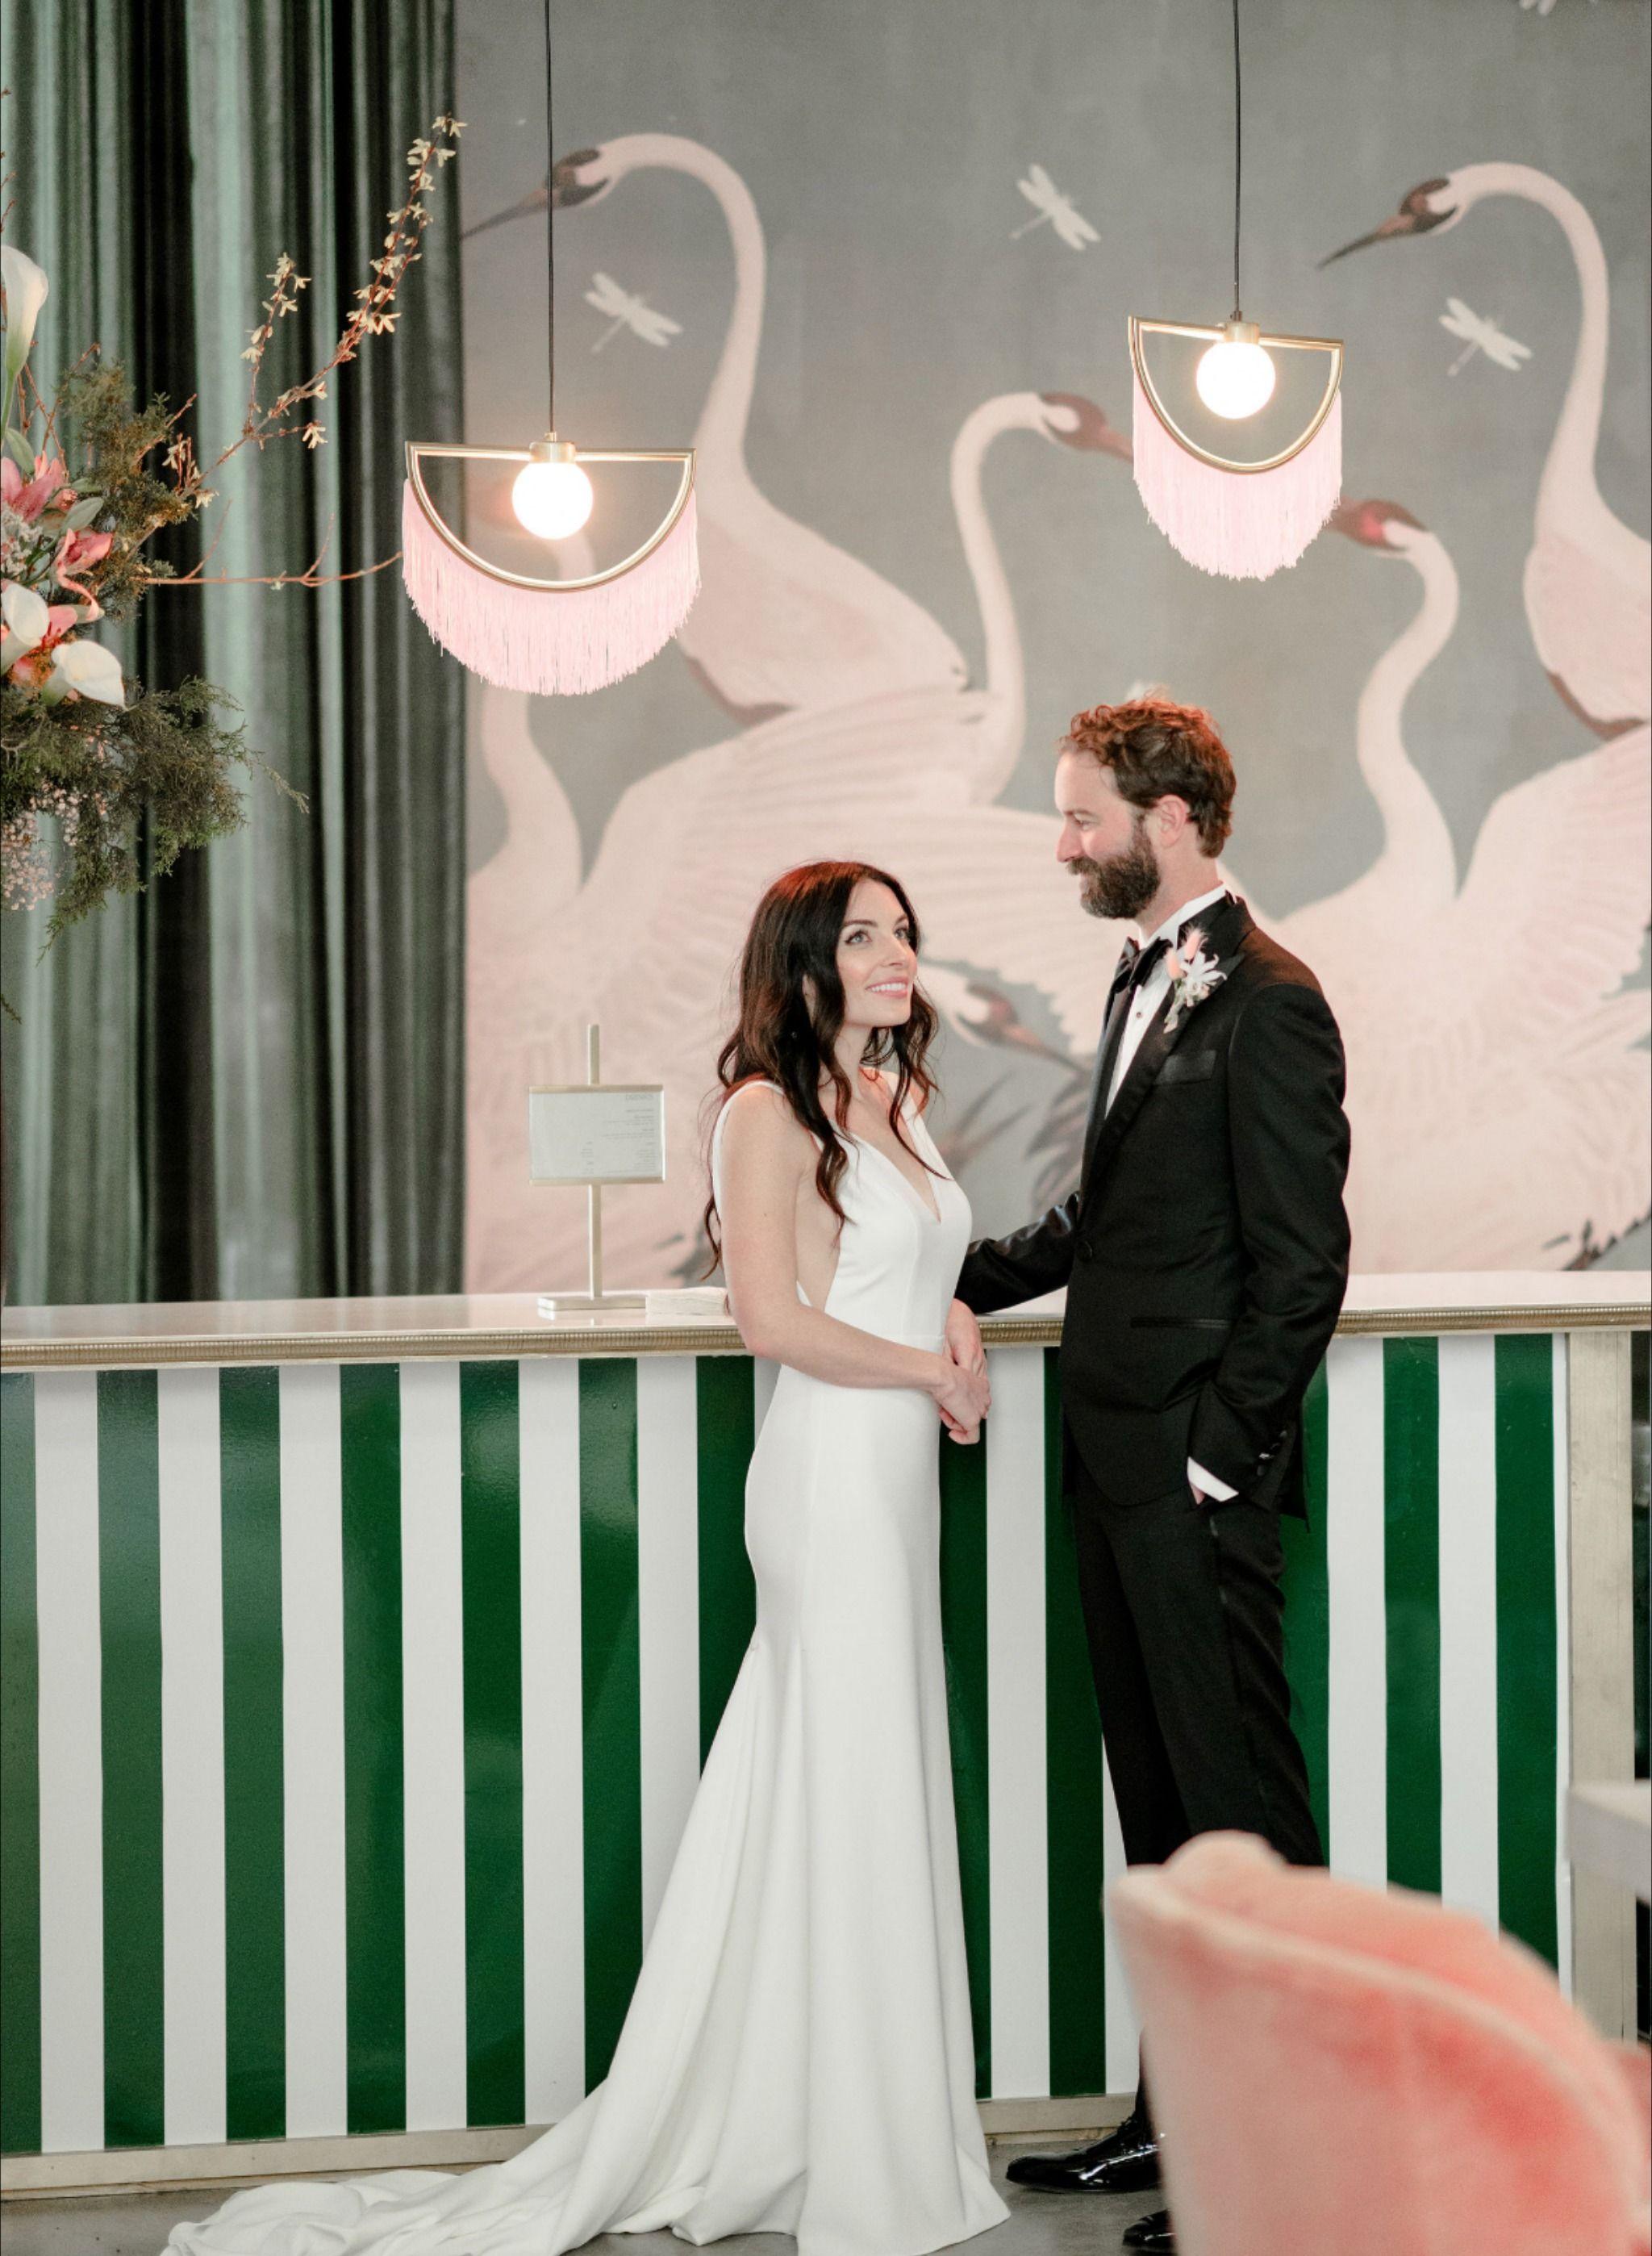 Transformed Wedding Venue In 2020 Austin Wedding Venues Wedding Venues Wedding Photo Inspiration